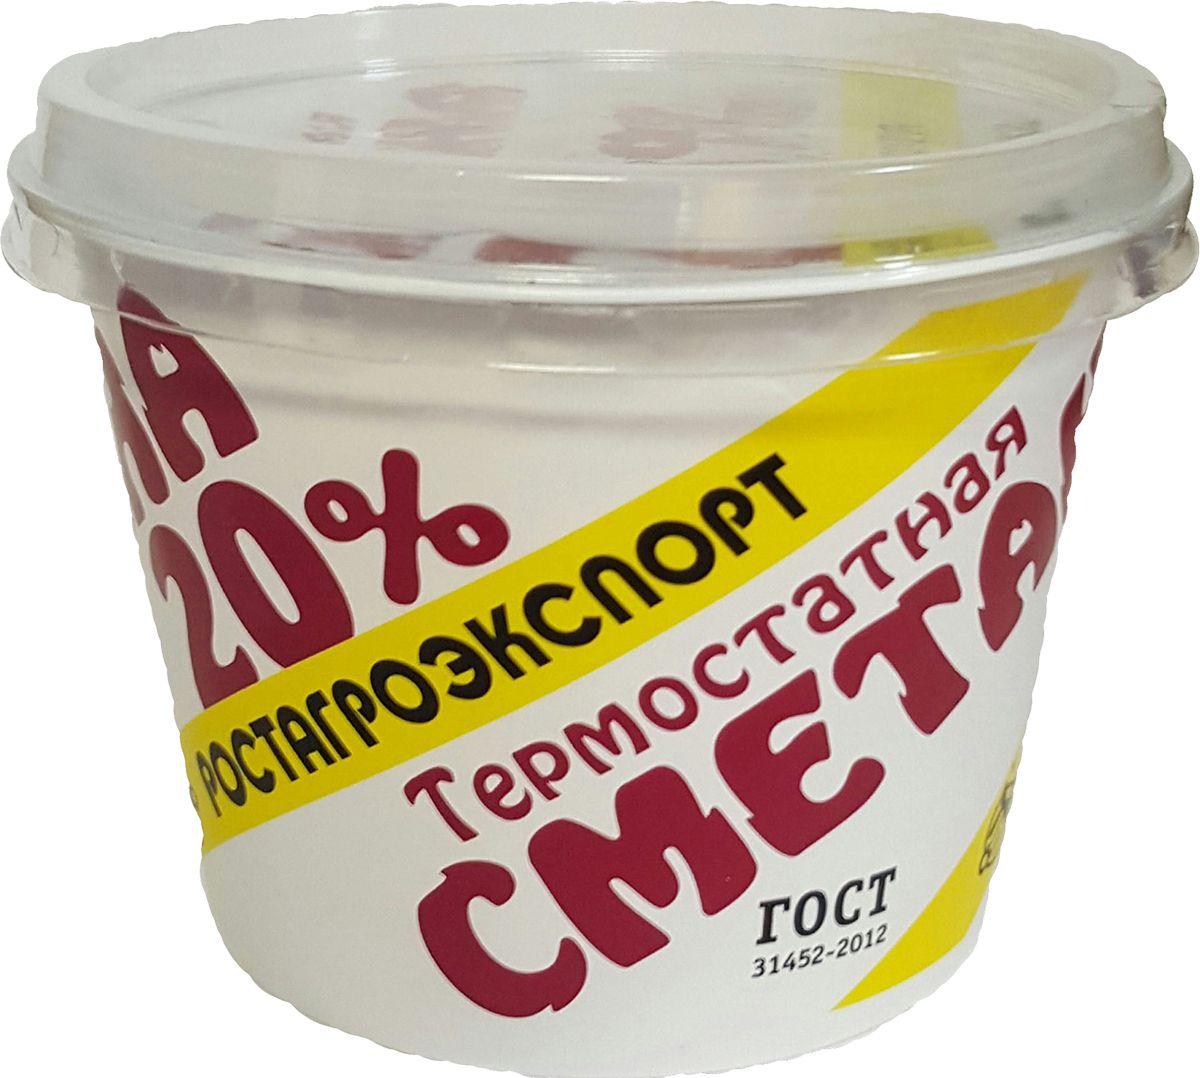 Ростагроэкспорт Сметана термостатная 20%, 200 г ростагроэкспорт молоко пастеризованное 3 2% 900 г